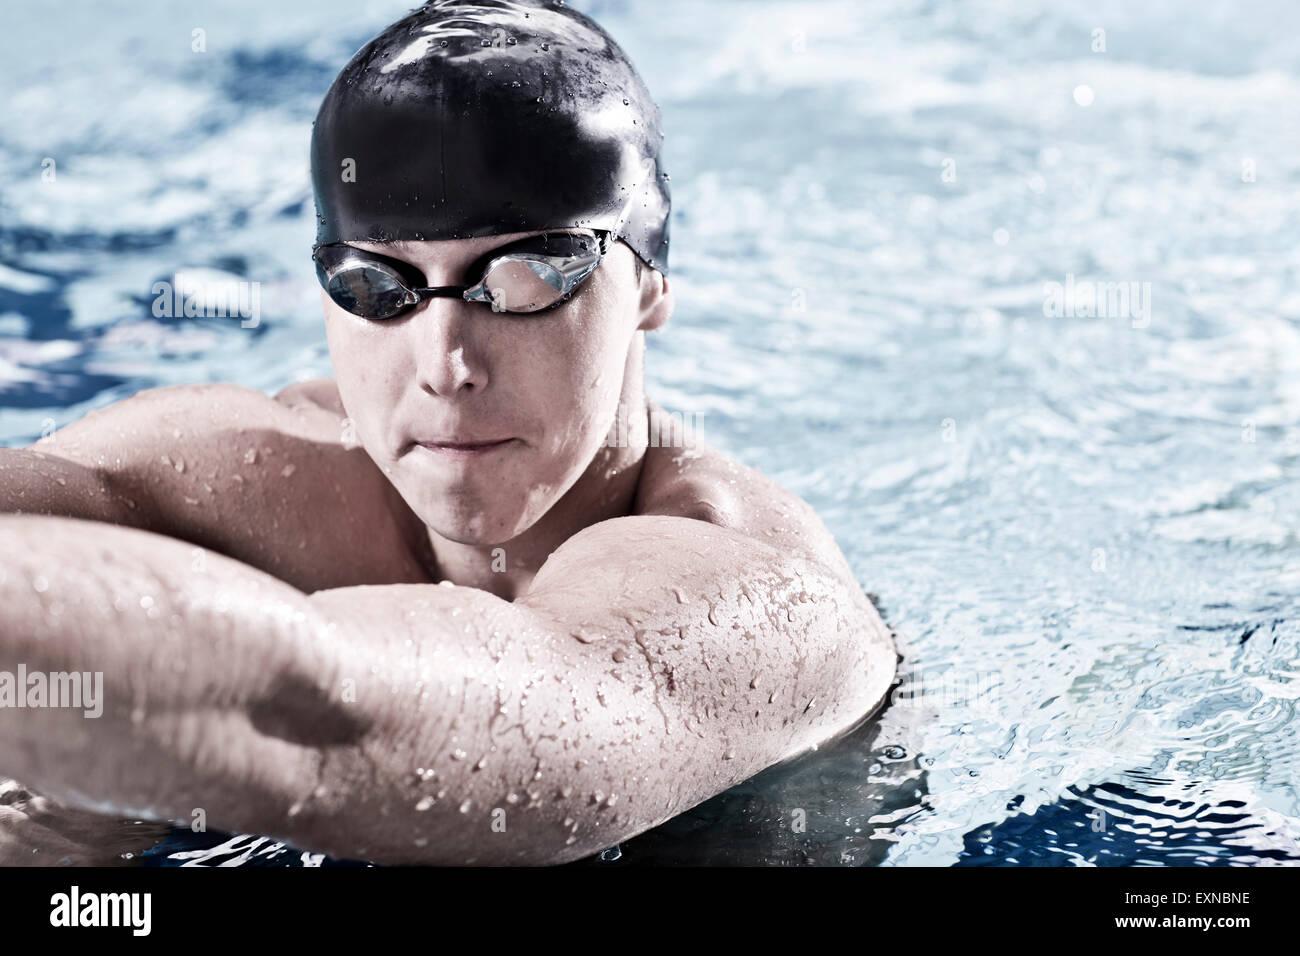 Schwimmer im Hallenbad Stockbild